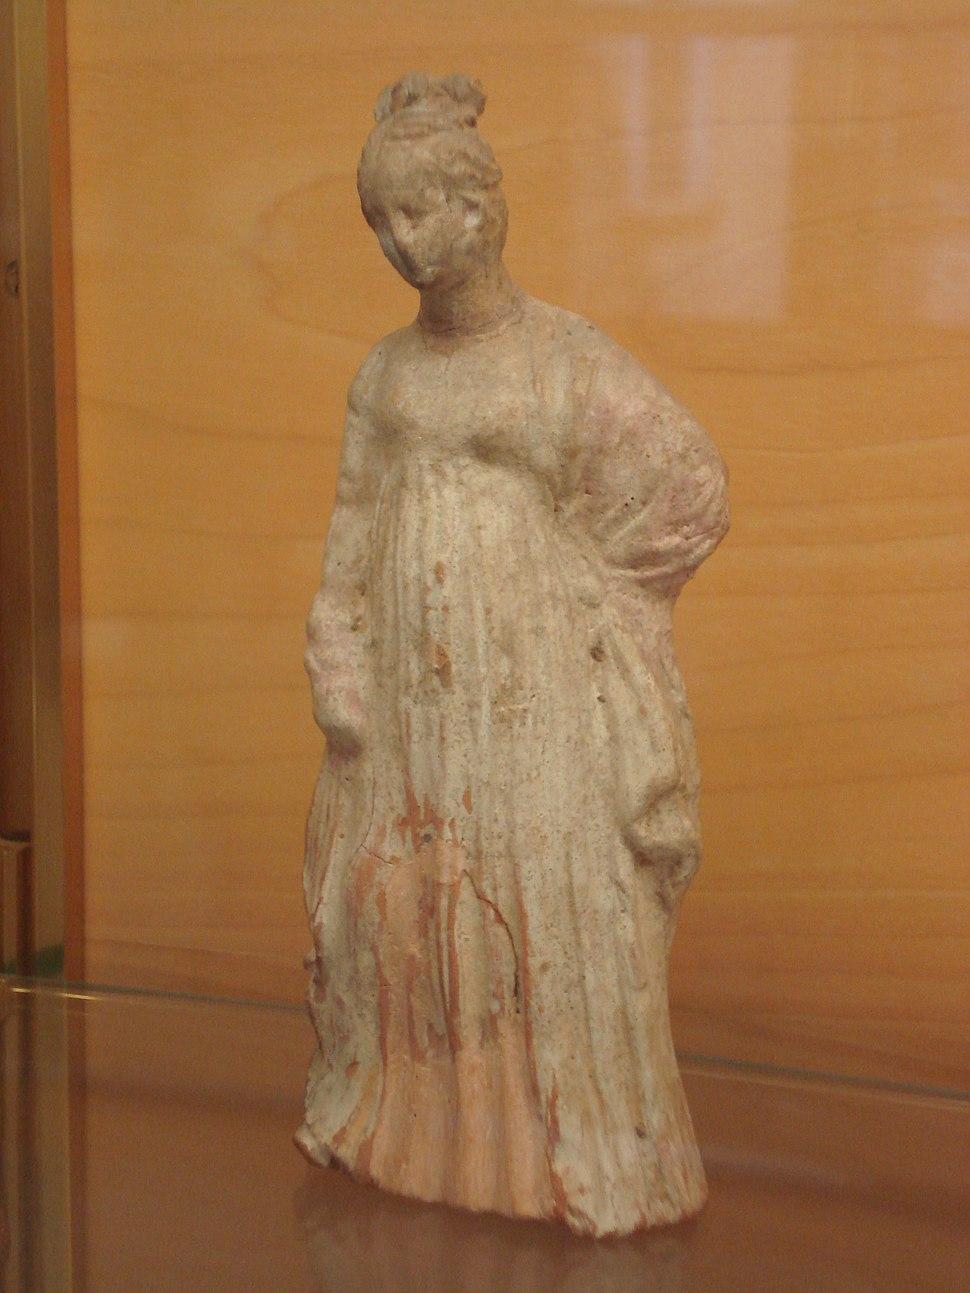 DSC00160 - Statuetta greca di offerente, del tipo ''tanagrina'', da Selinunte - Foto di G. Dall'Orto